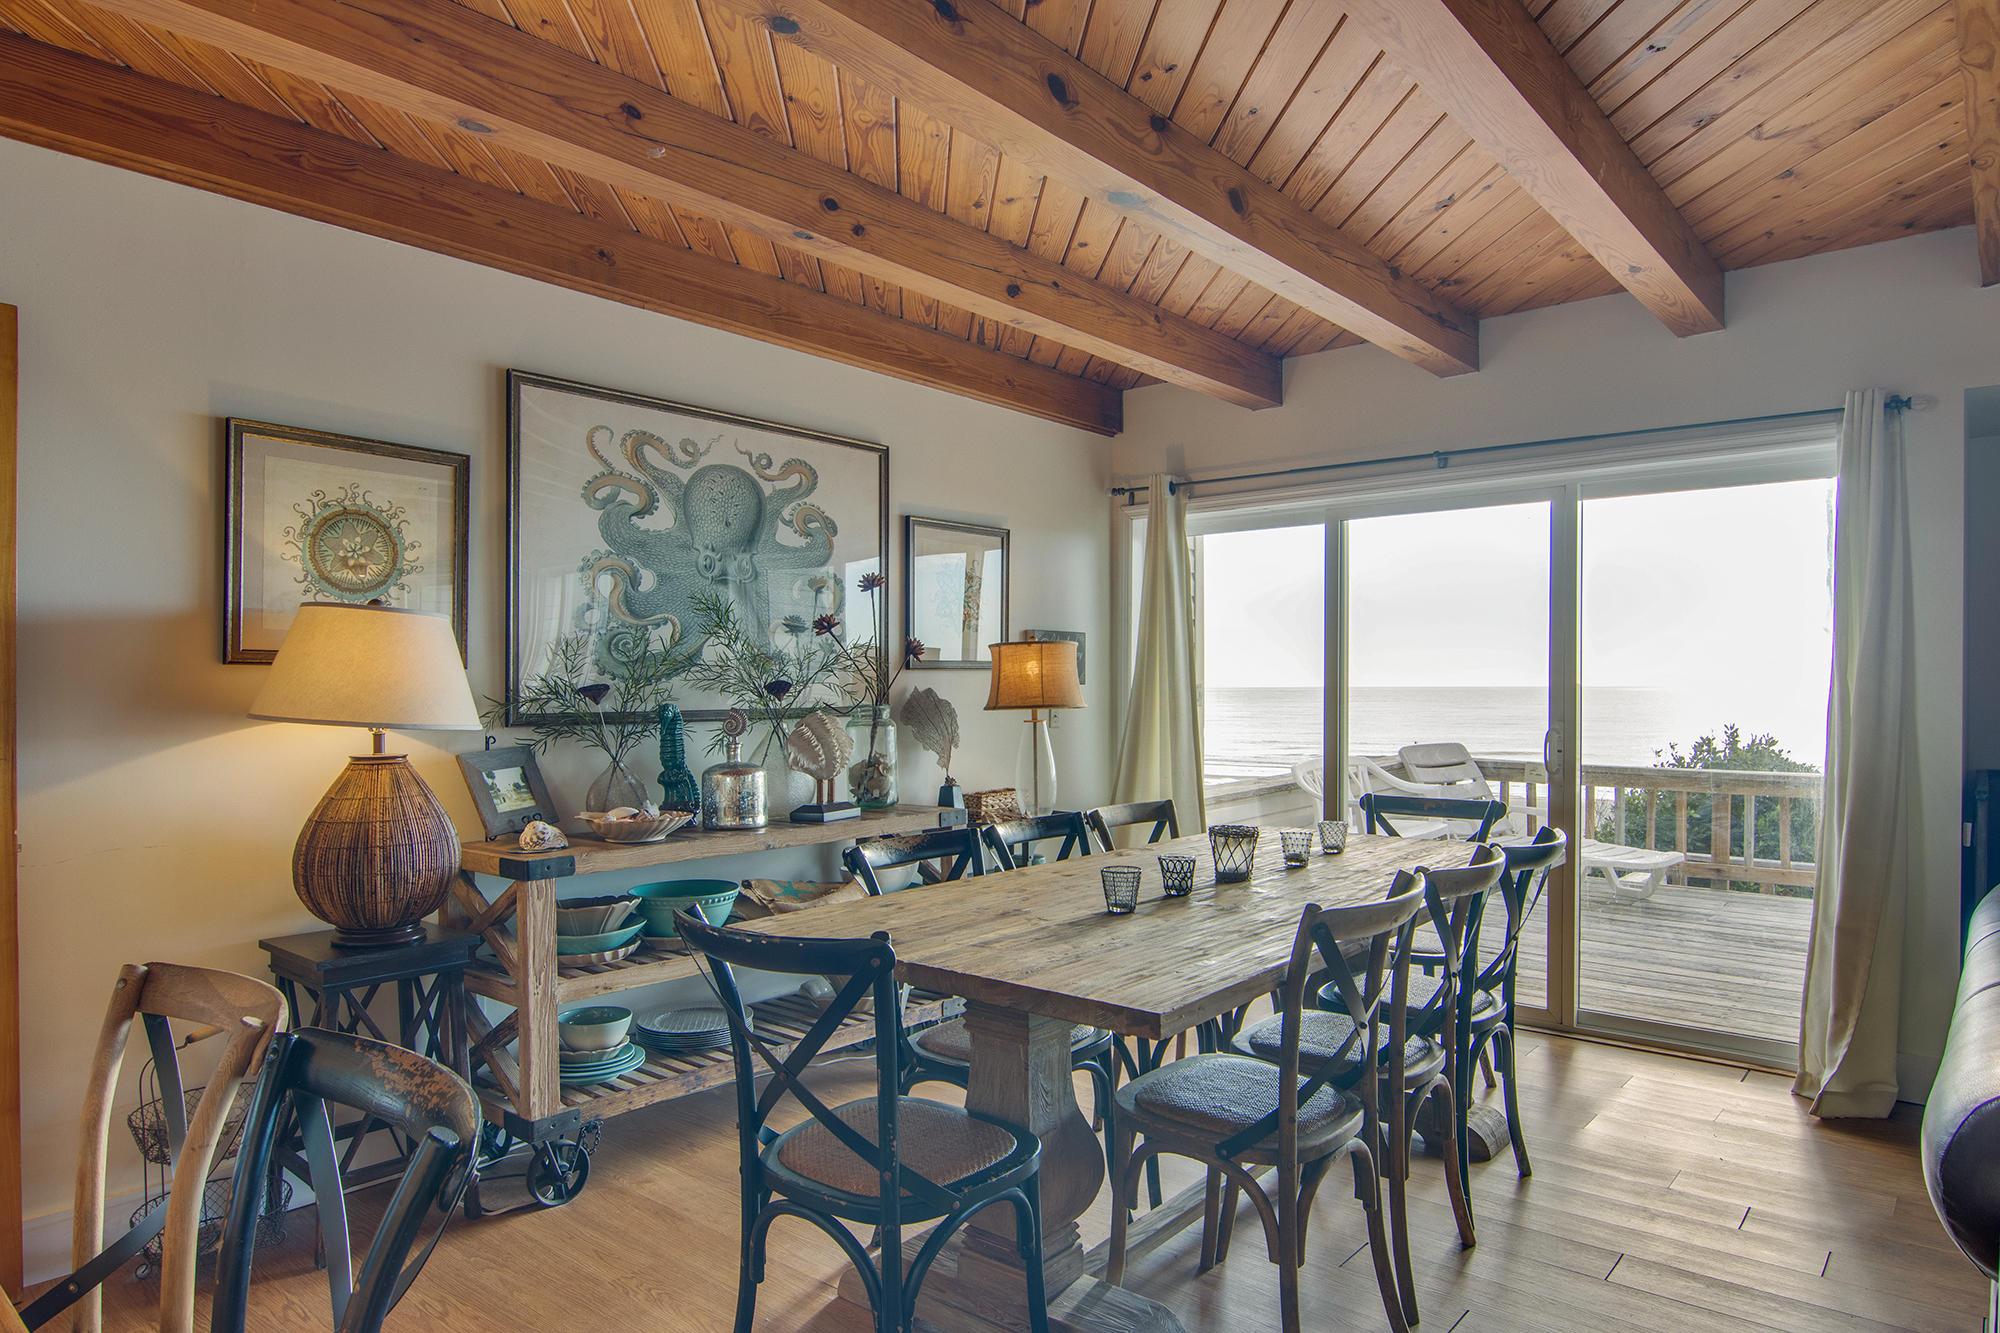 Folly Beach Homes For Sale - 1703 Ashley, Folly Beach, SC - 13